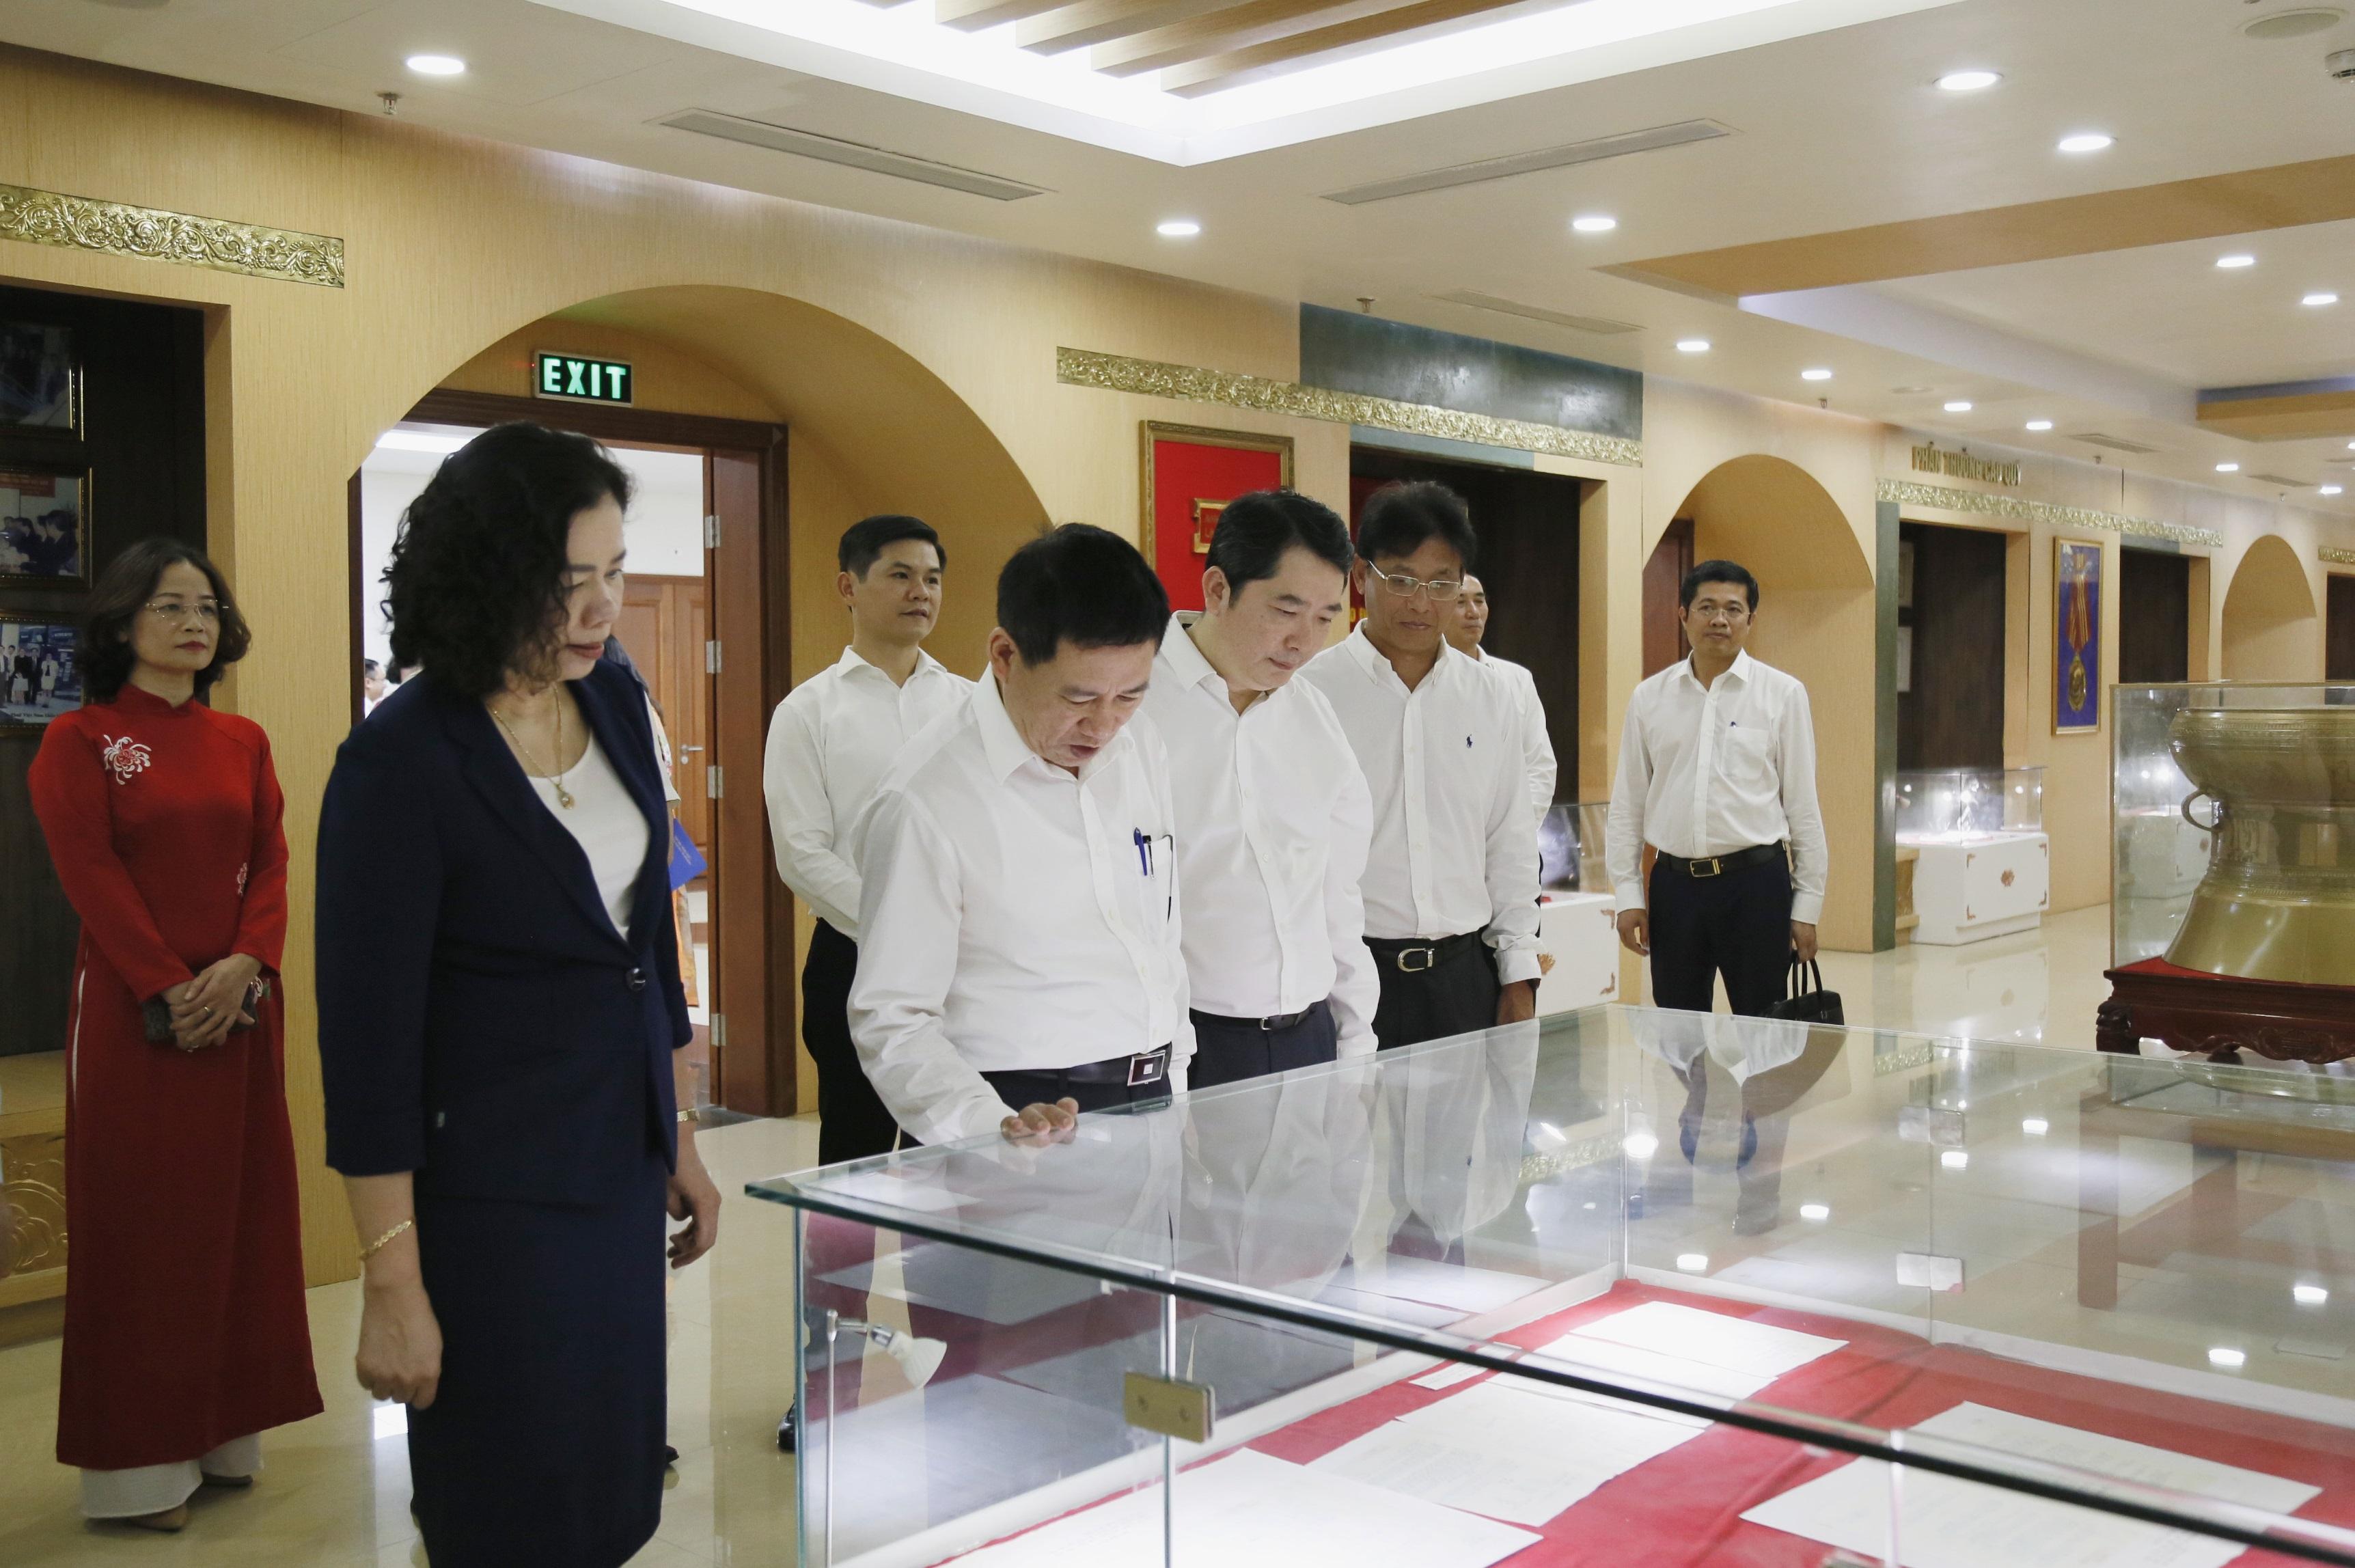 Bộ trưởng Hồ Đức Phớc và Thứ trưởng Vũ Thị Mai thăm Phòng Truyền thống ngành Thuế.